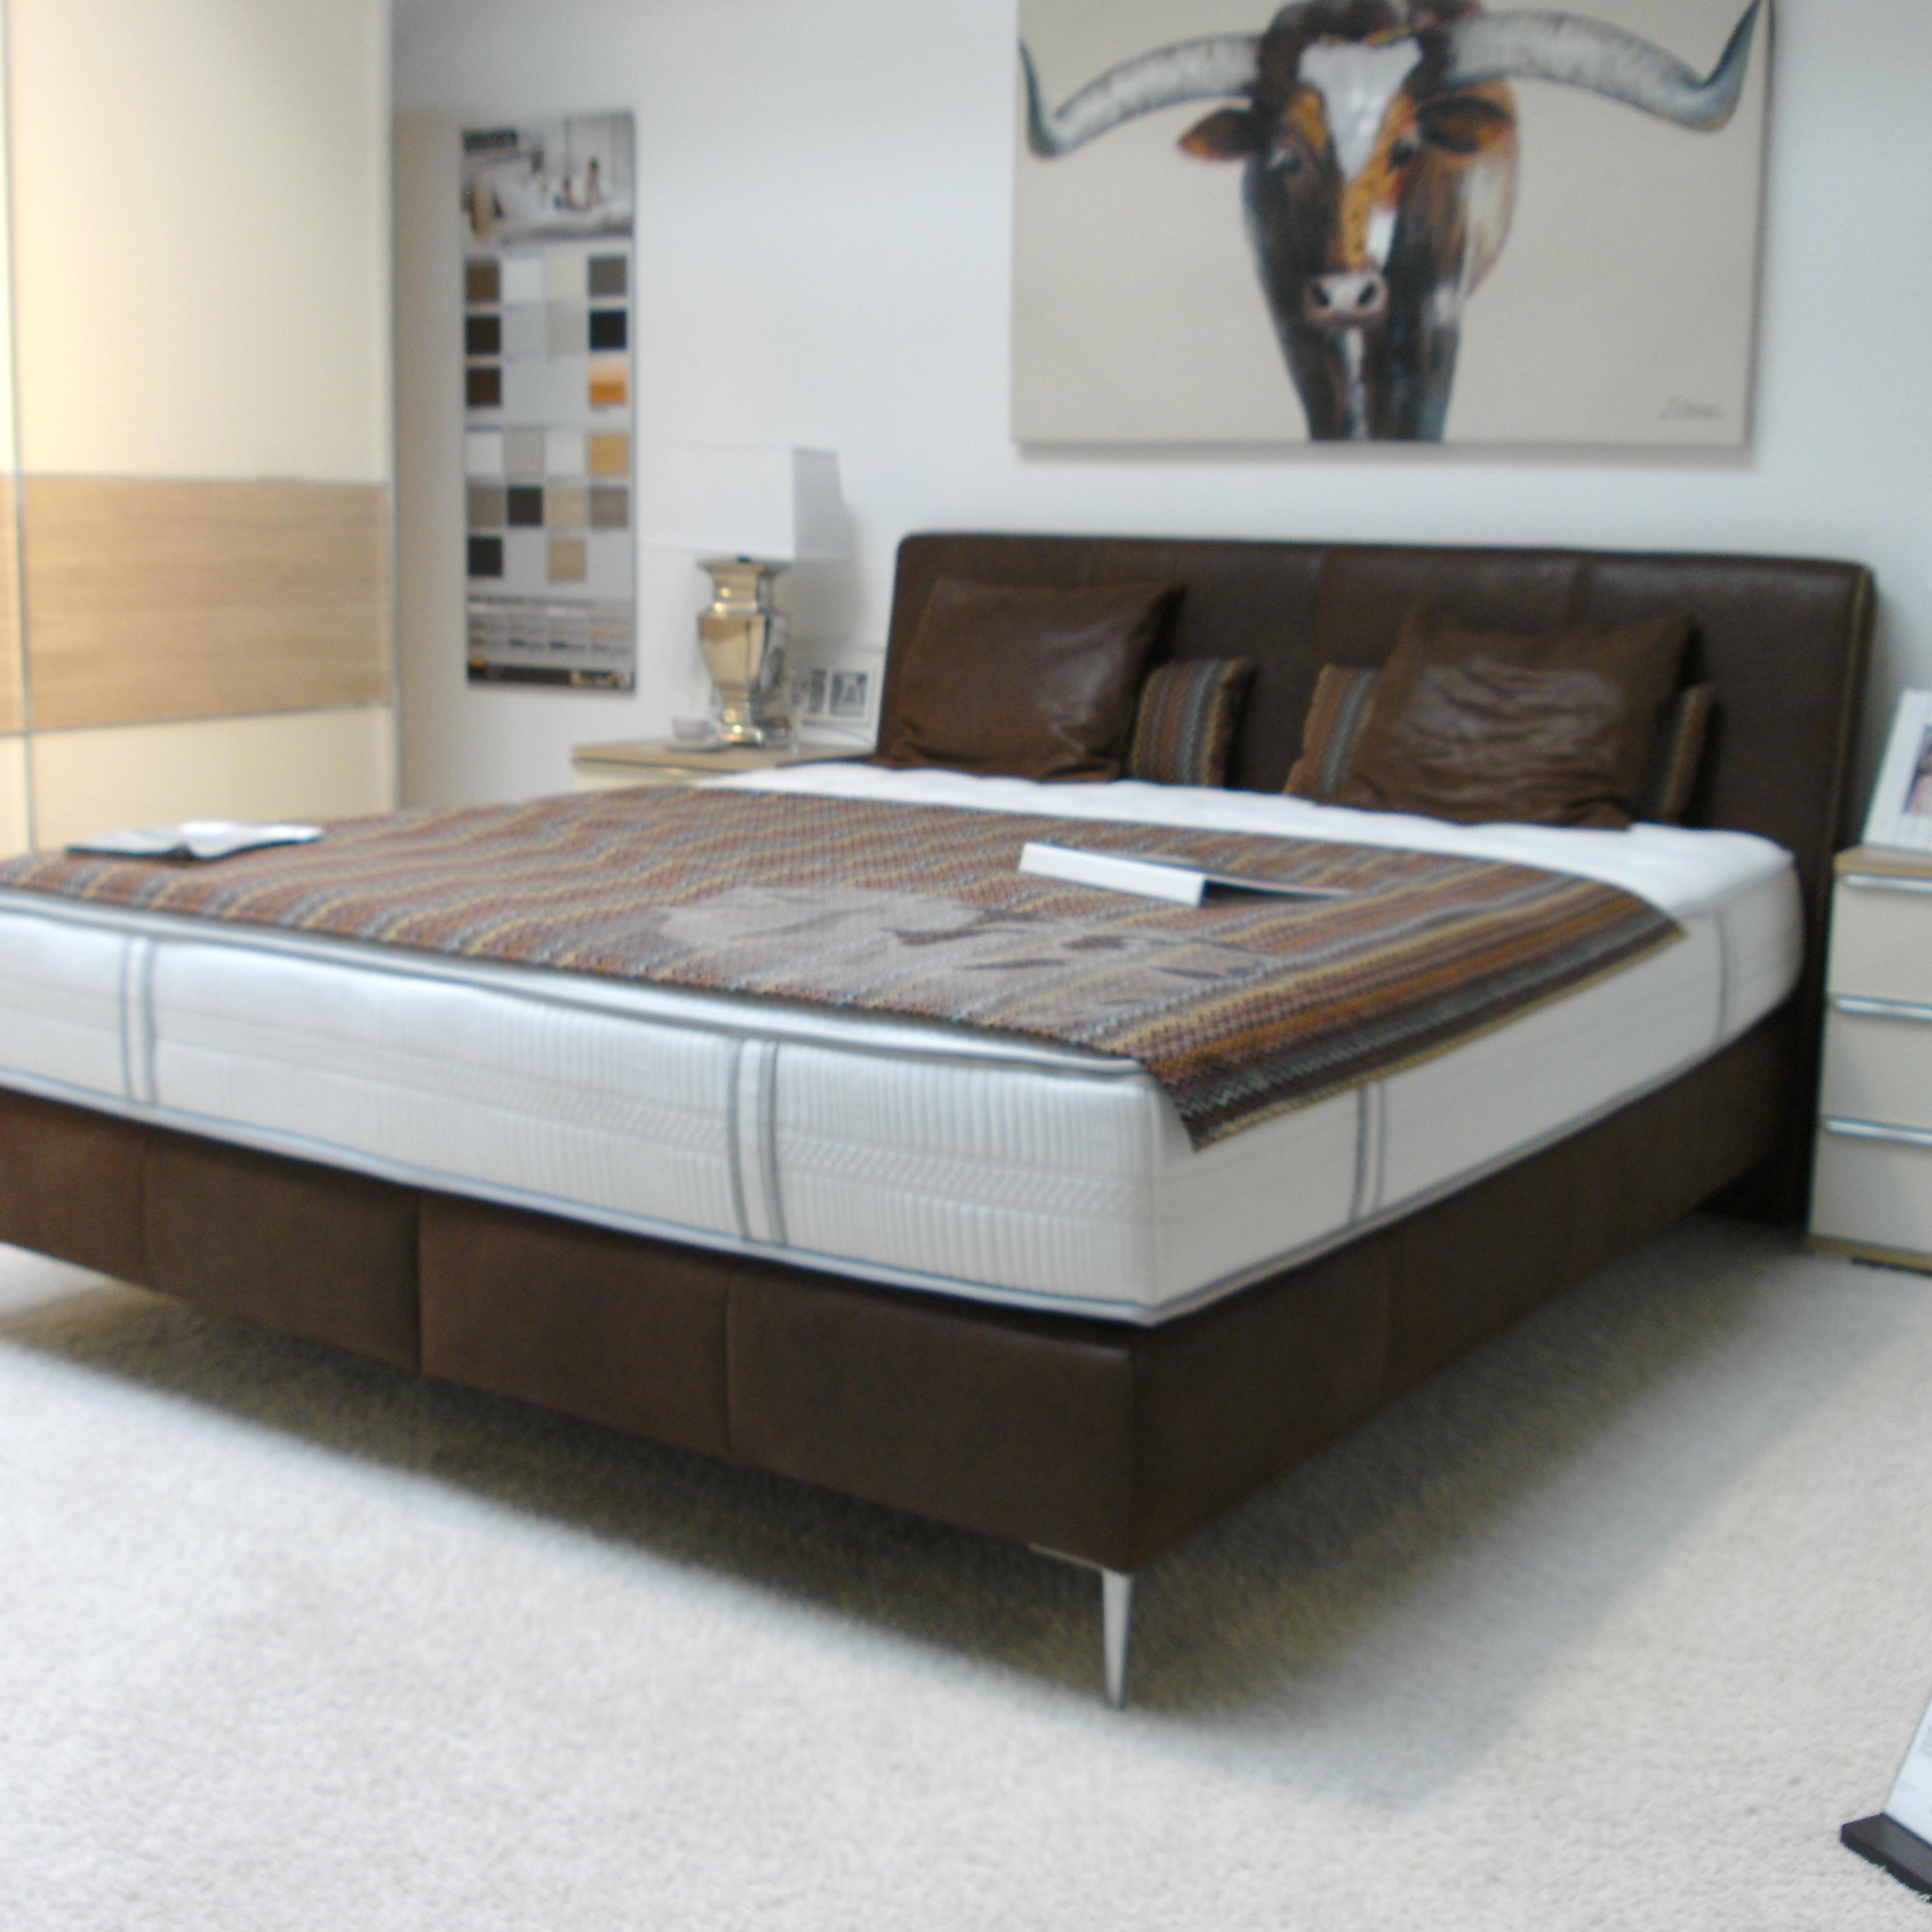 Mein ausstellungsst ck schlafzimmer - Mein schlafzimmer ...